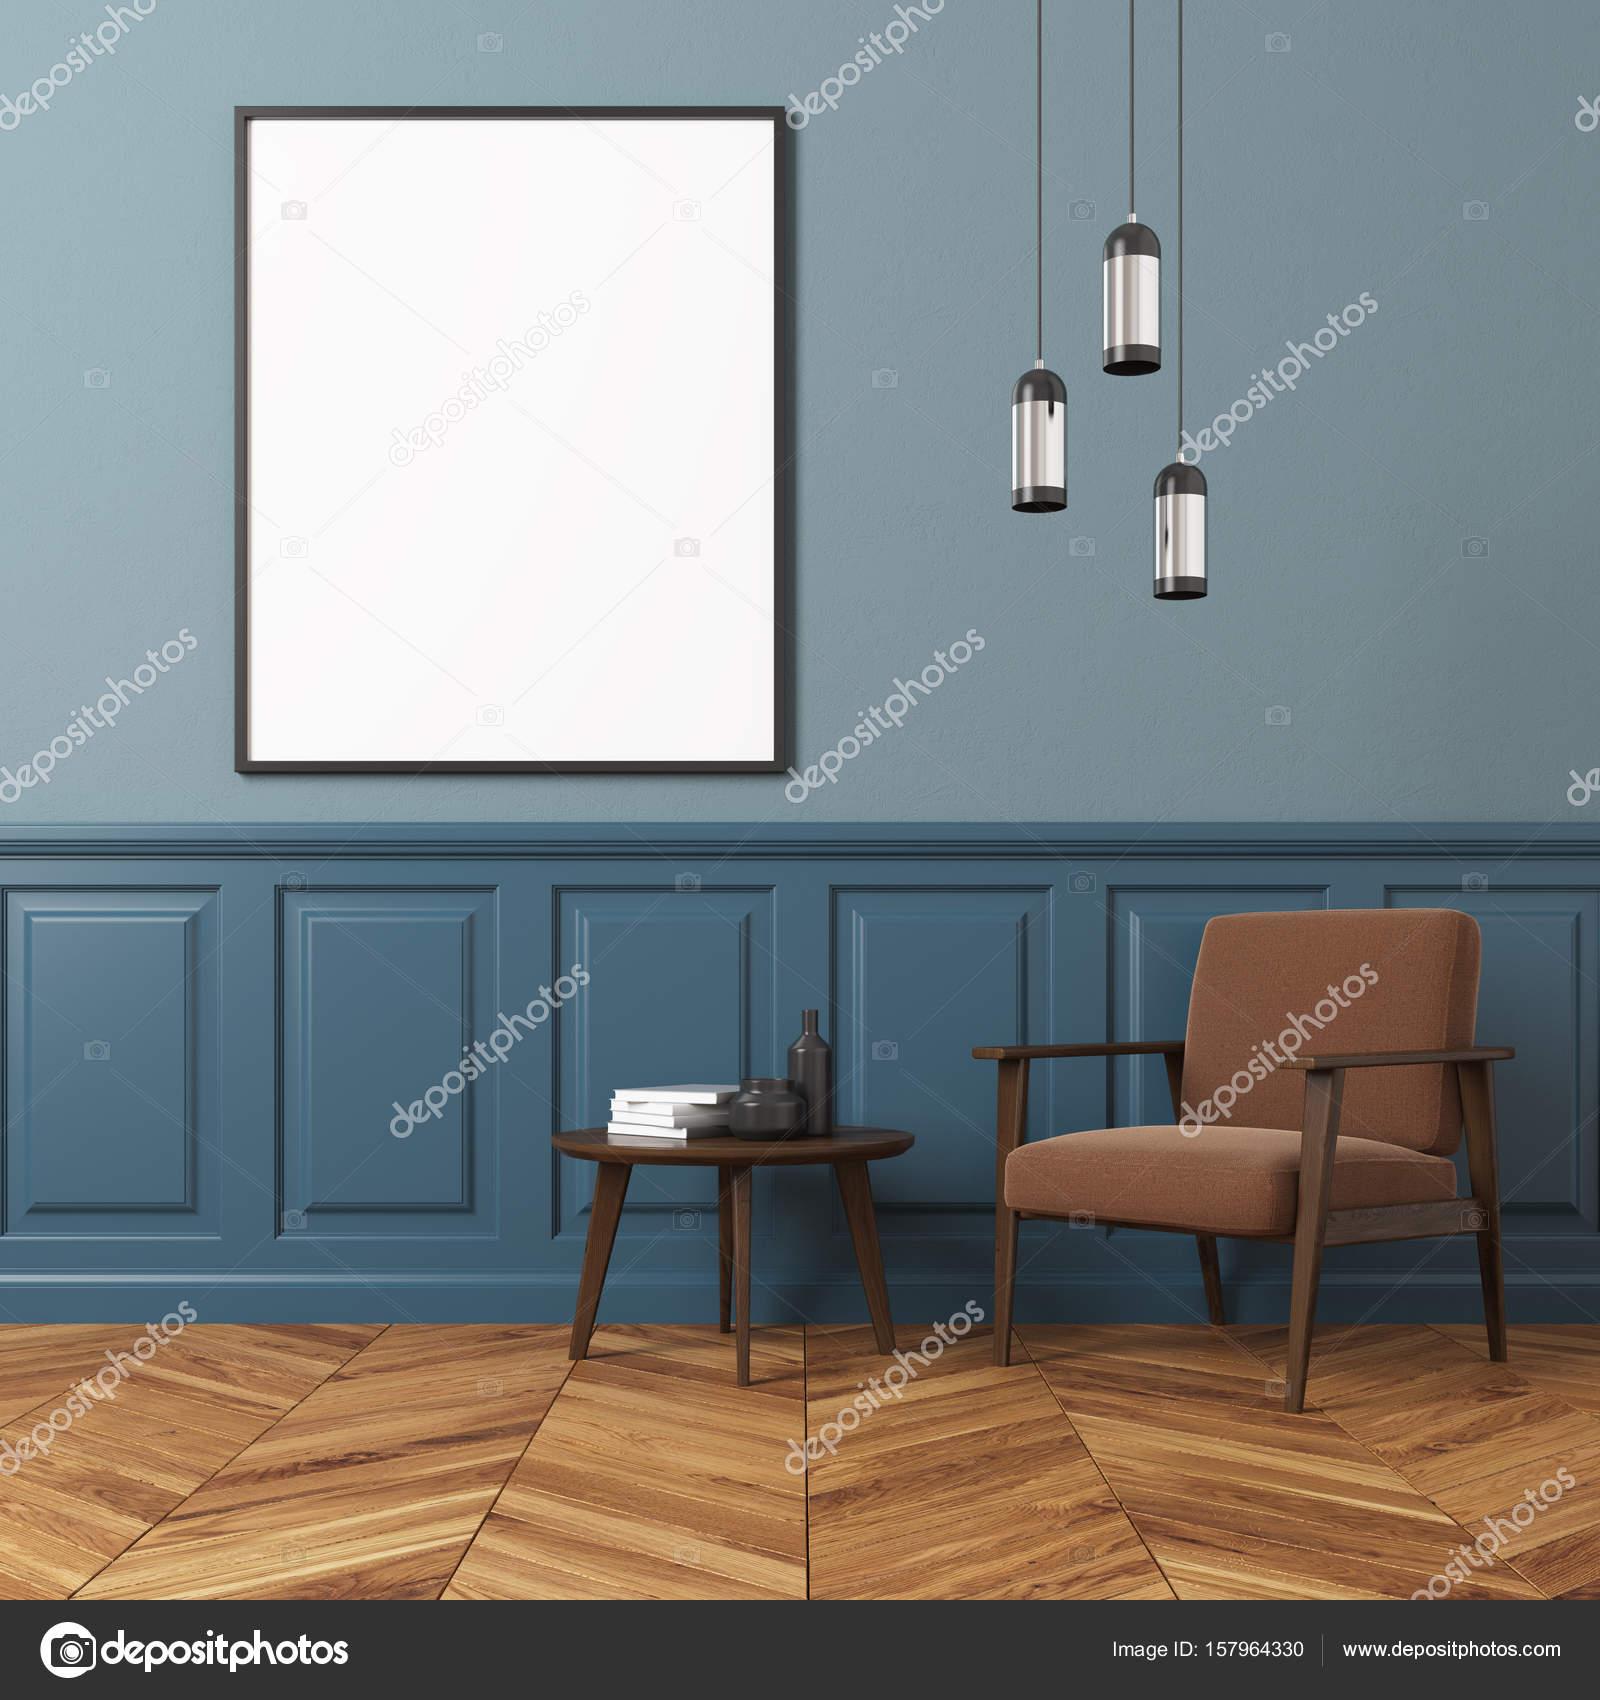 Blaue Wand Wohnzimmer Interieur Mit Einem Braunen Sessel, Einen Couchtisch  Mit Büchern Und Flaschen Und Eine Vertikale Gerahmtes Plakat.